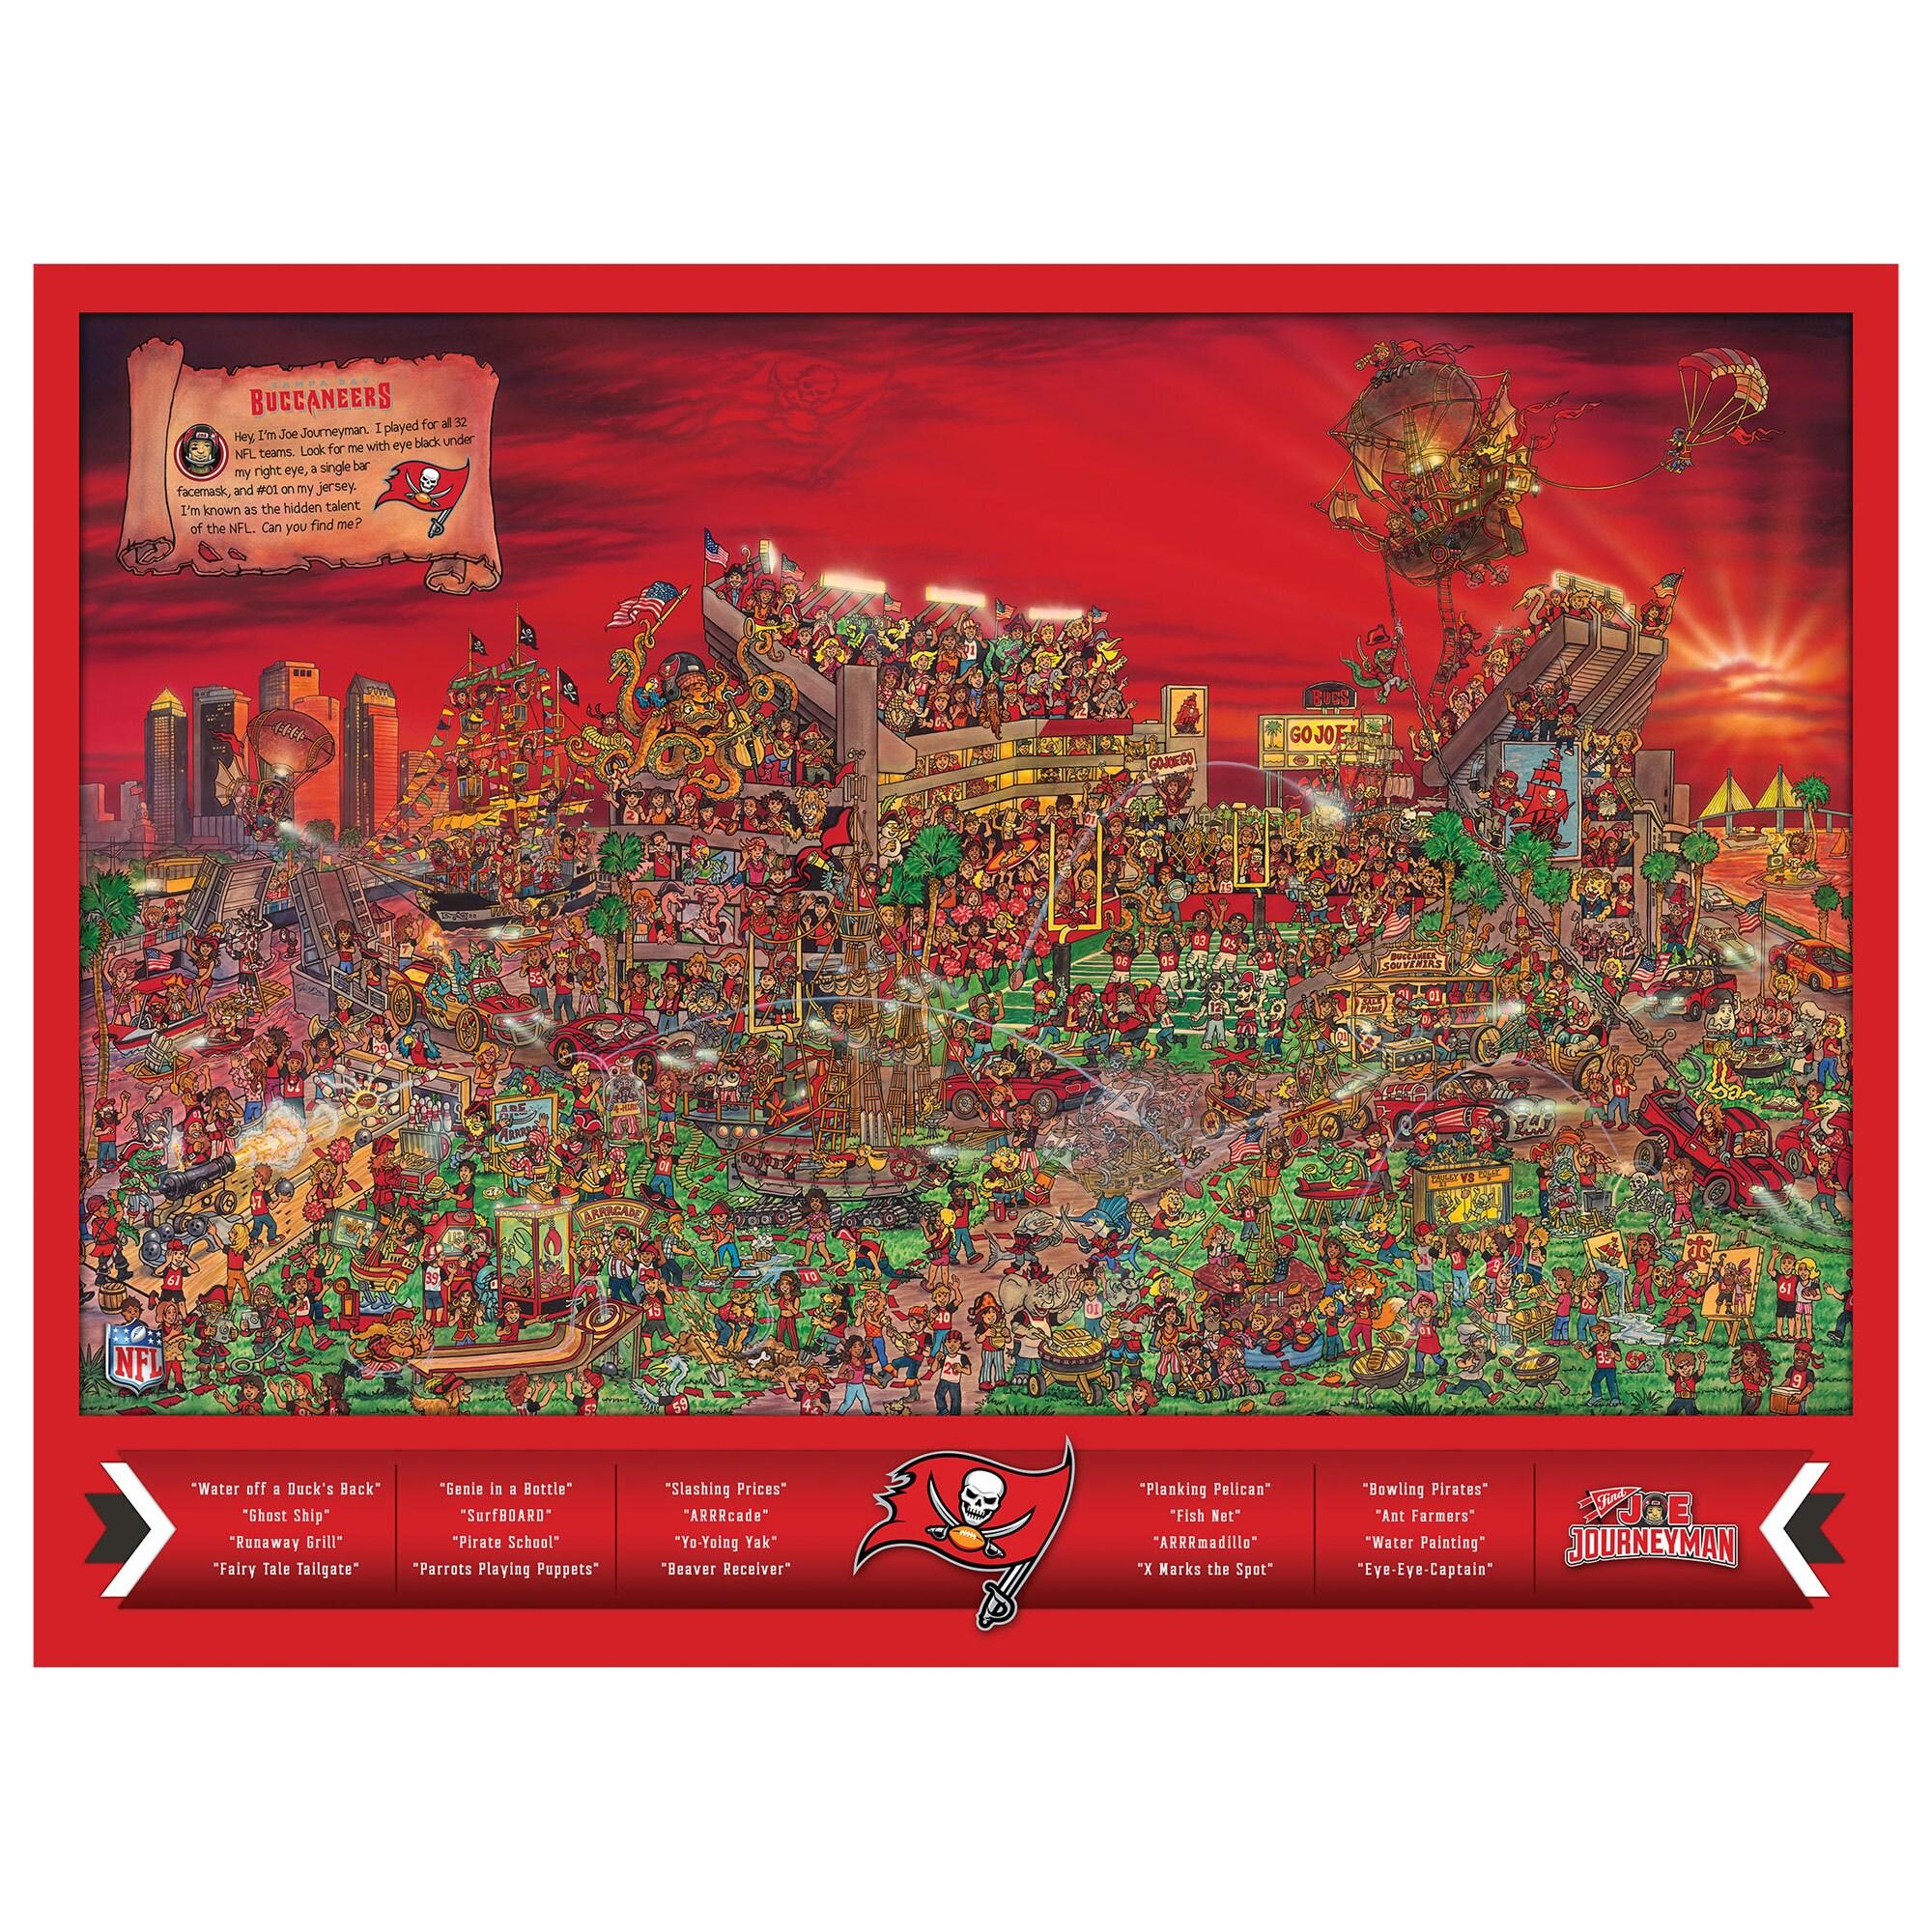 Tampa Bay Buccaneers 500-Piece Joe Journeyman Puzzle